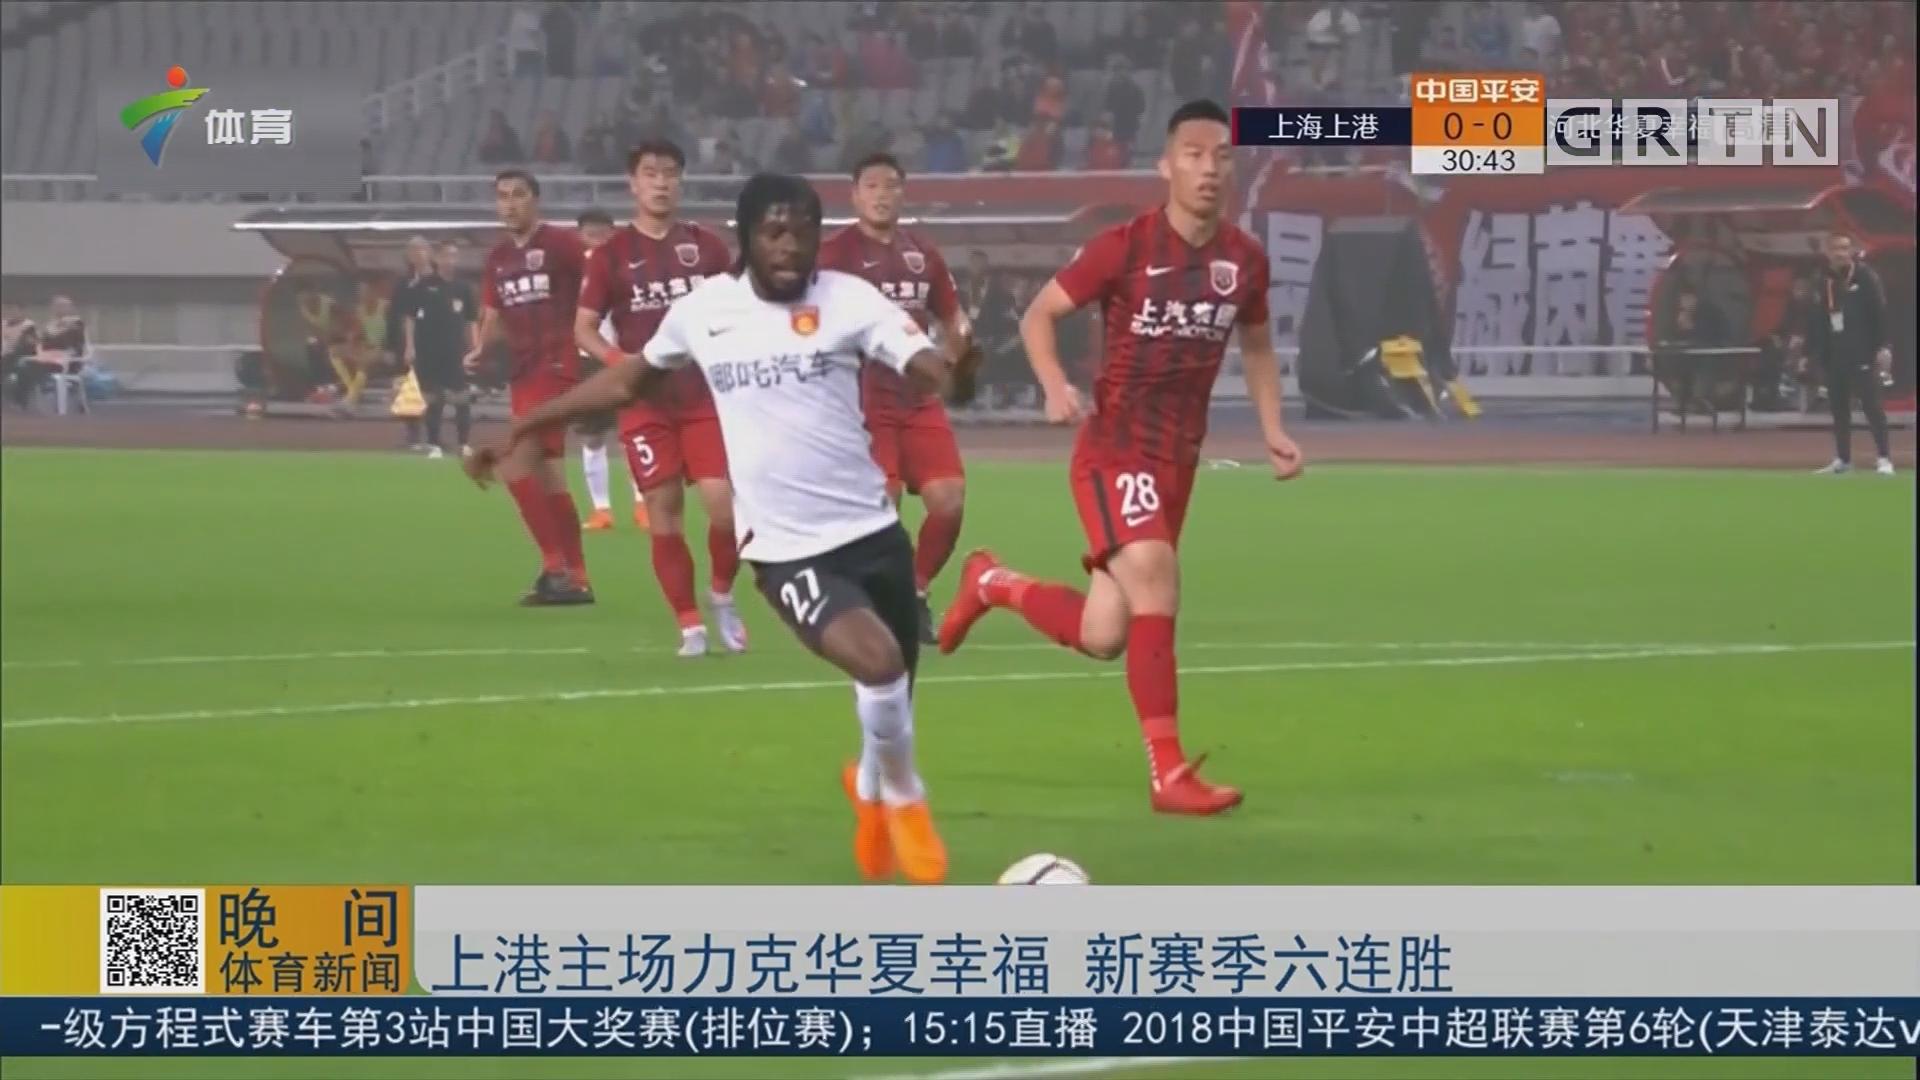 上港主场力克华夏幸福 新赛季六连胜